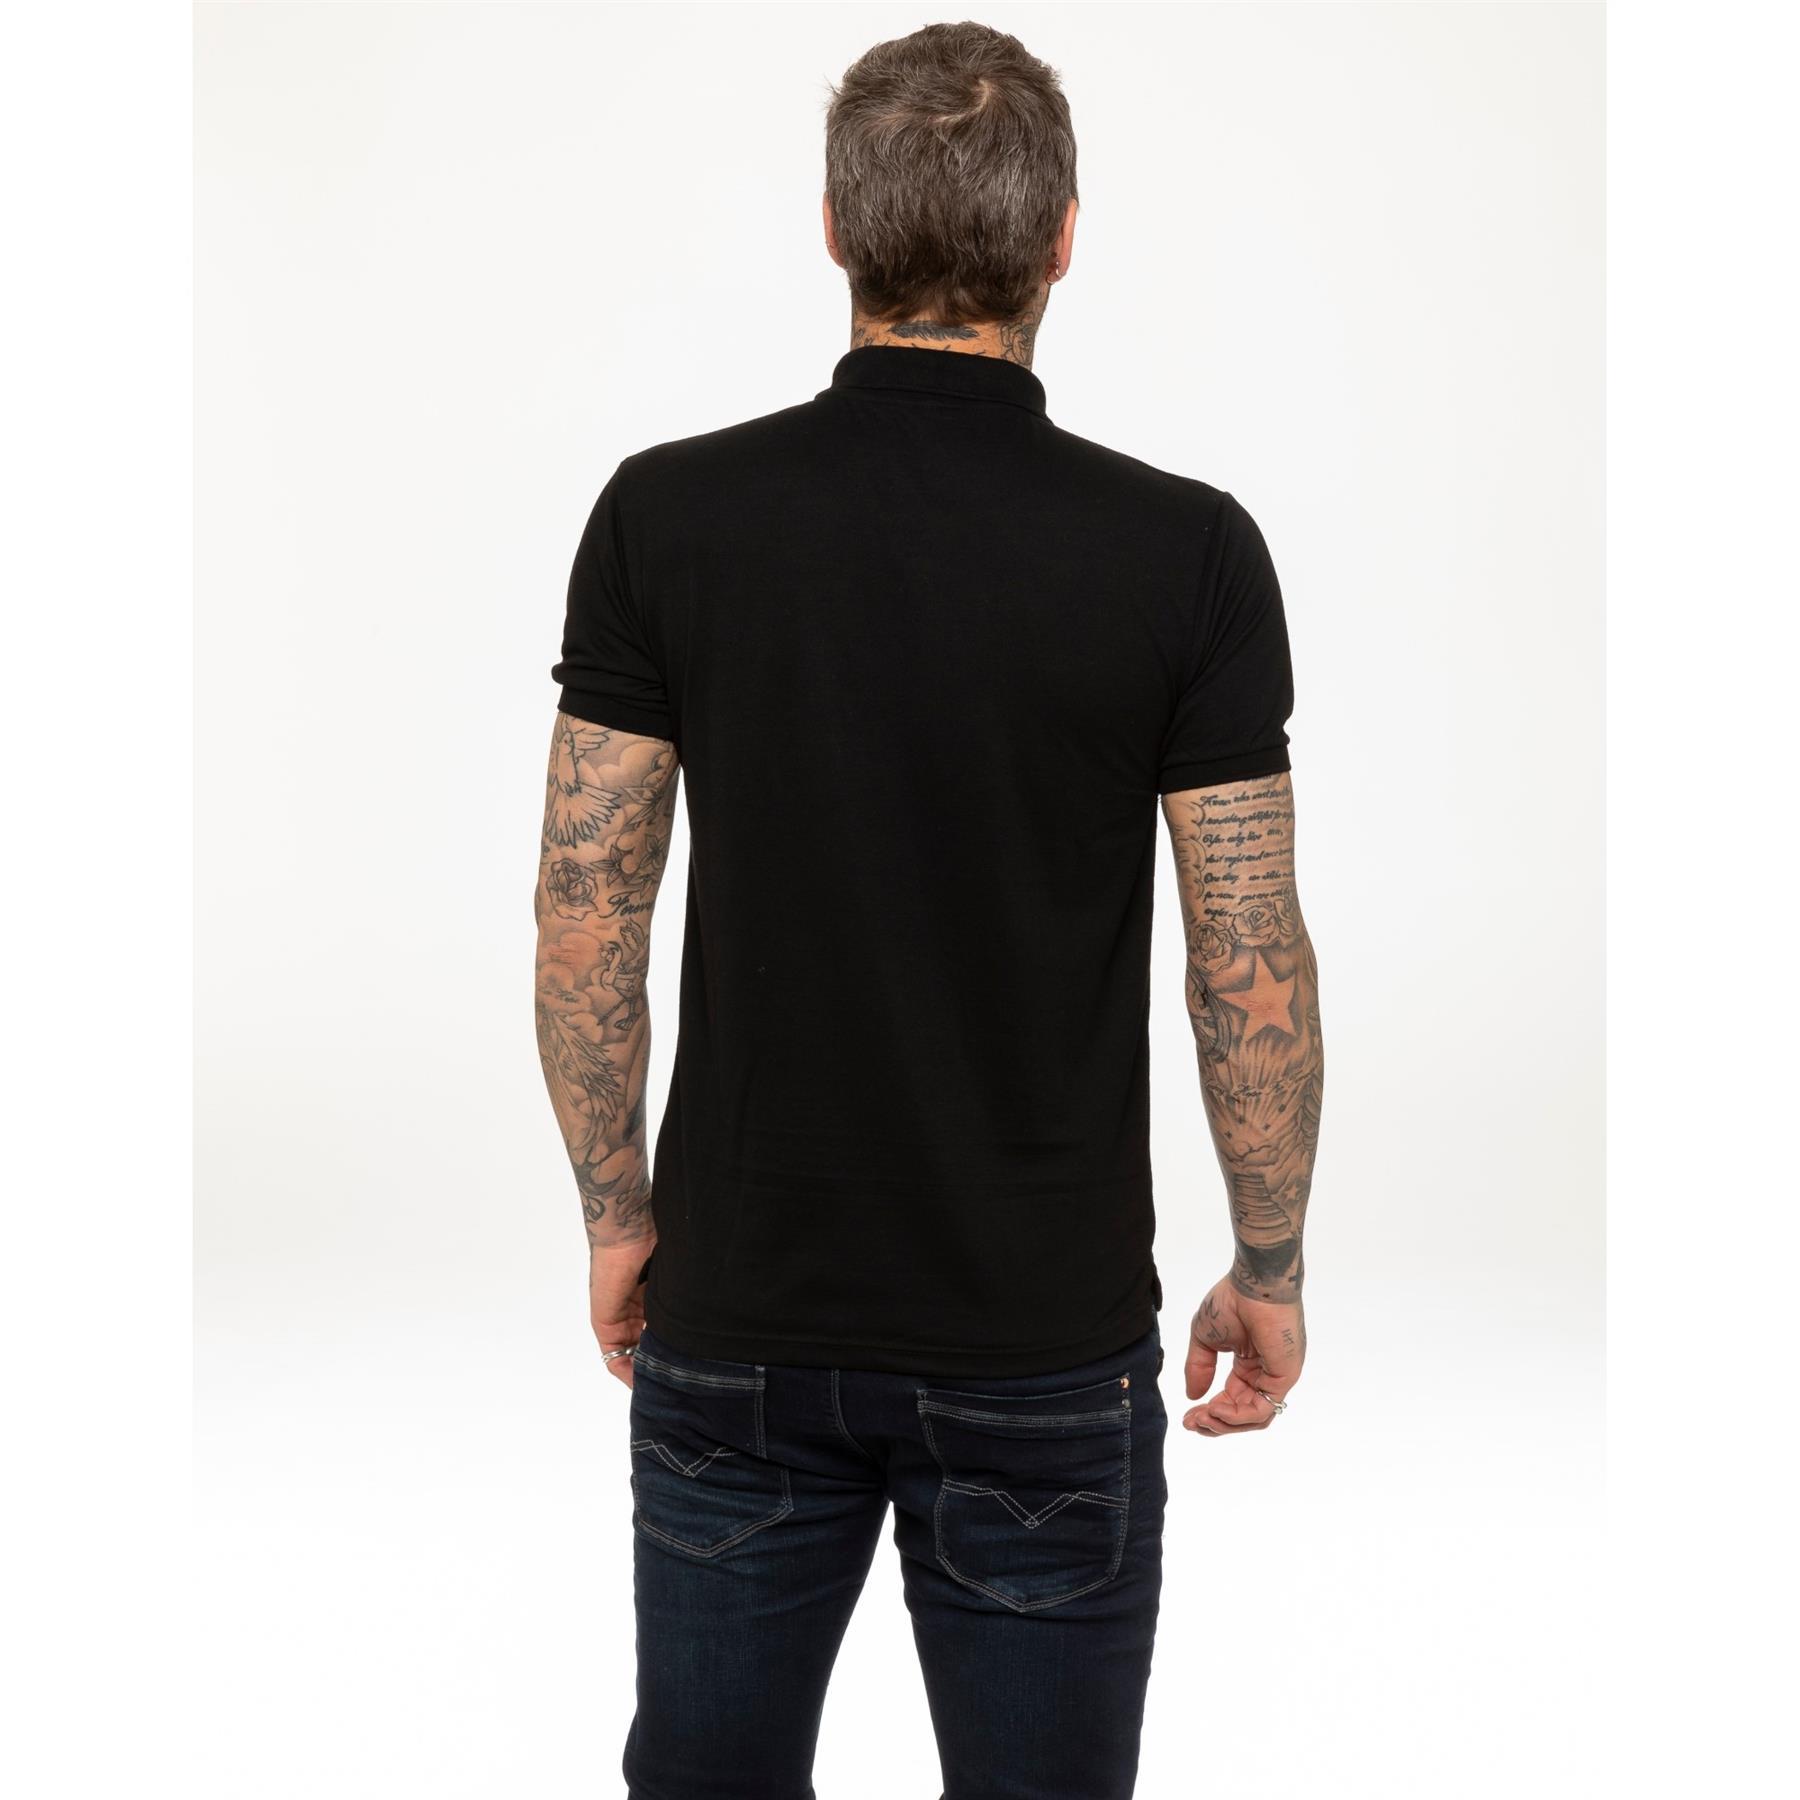 Indexbild 4 - Herren Polohemd Freizeit T-Shirts Neu Schlicht Kurzärmeliges Regular Fit